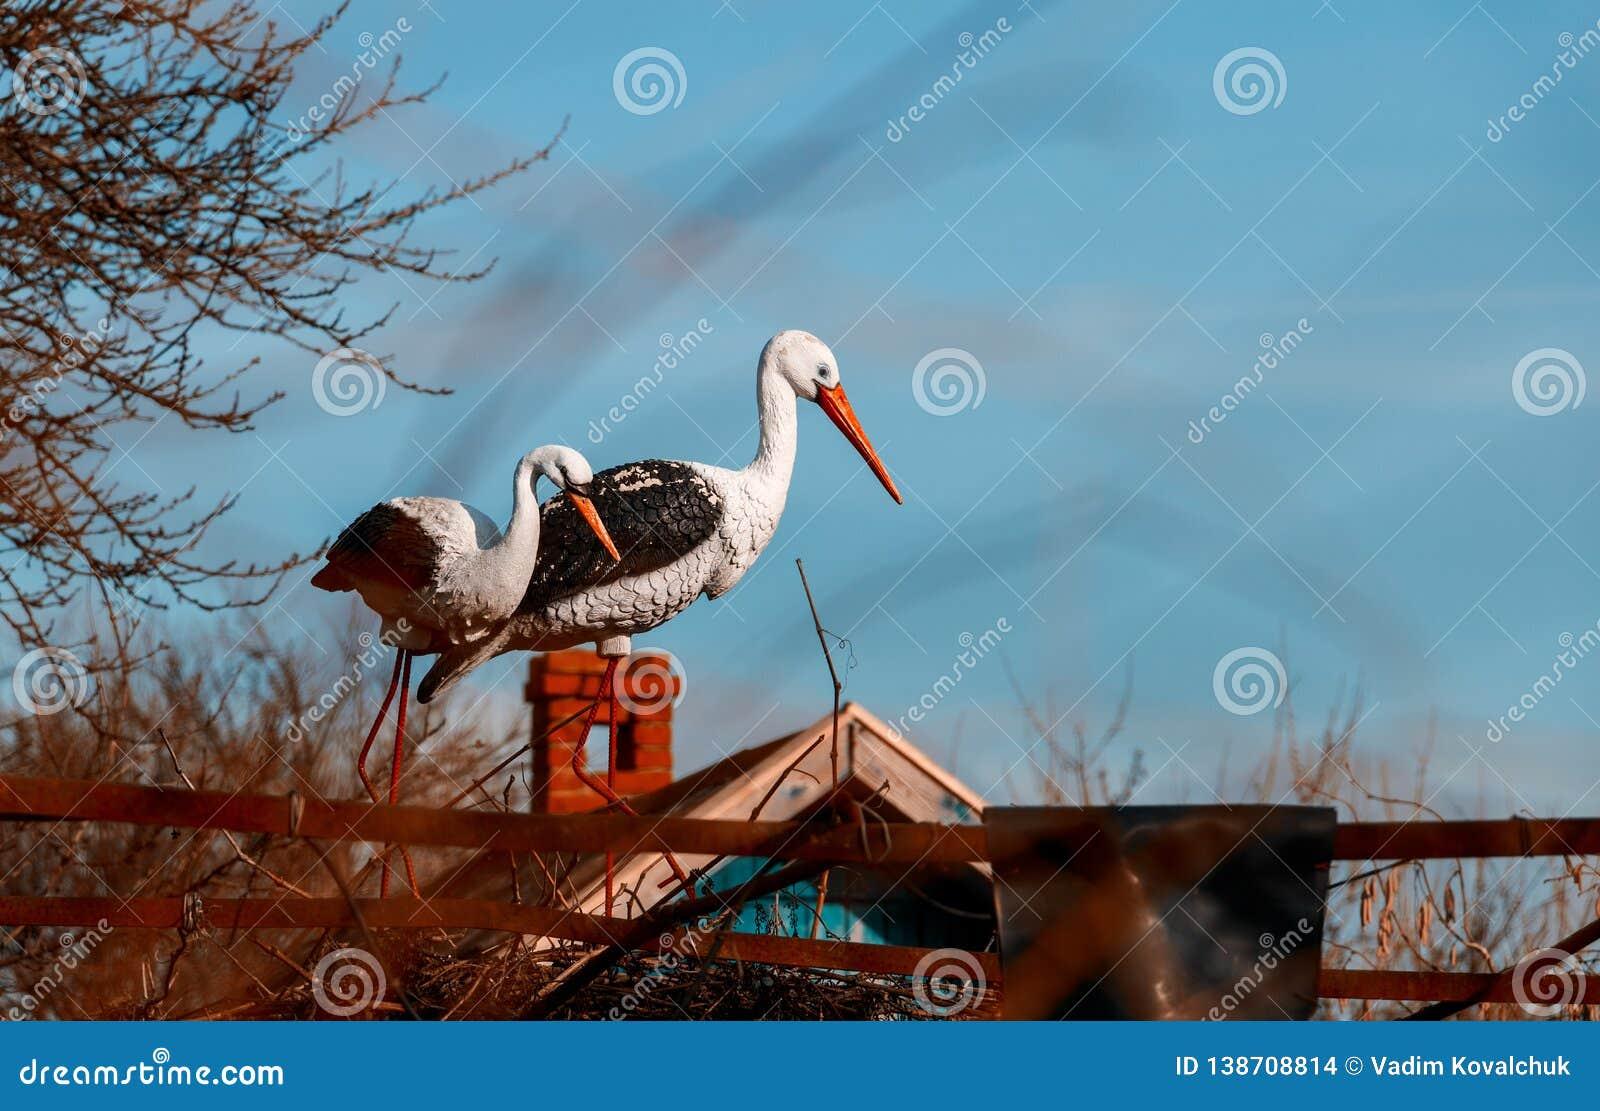 Witte ooievaar in het nest